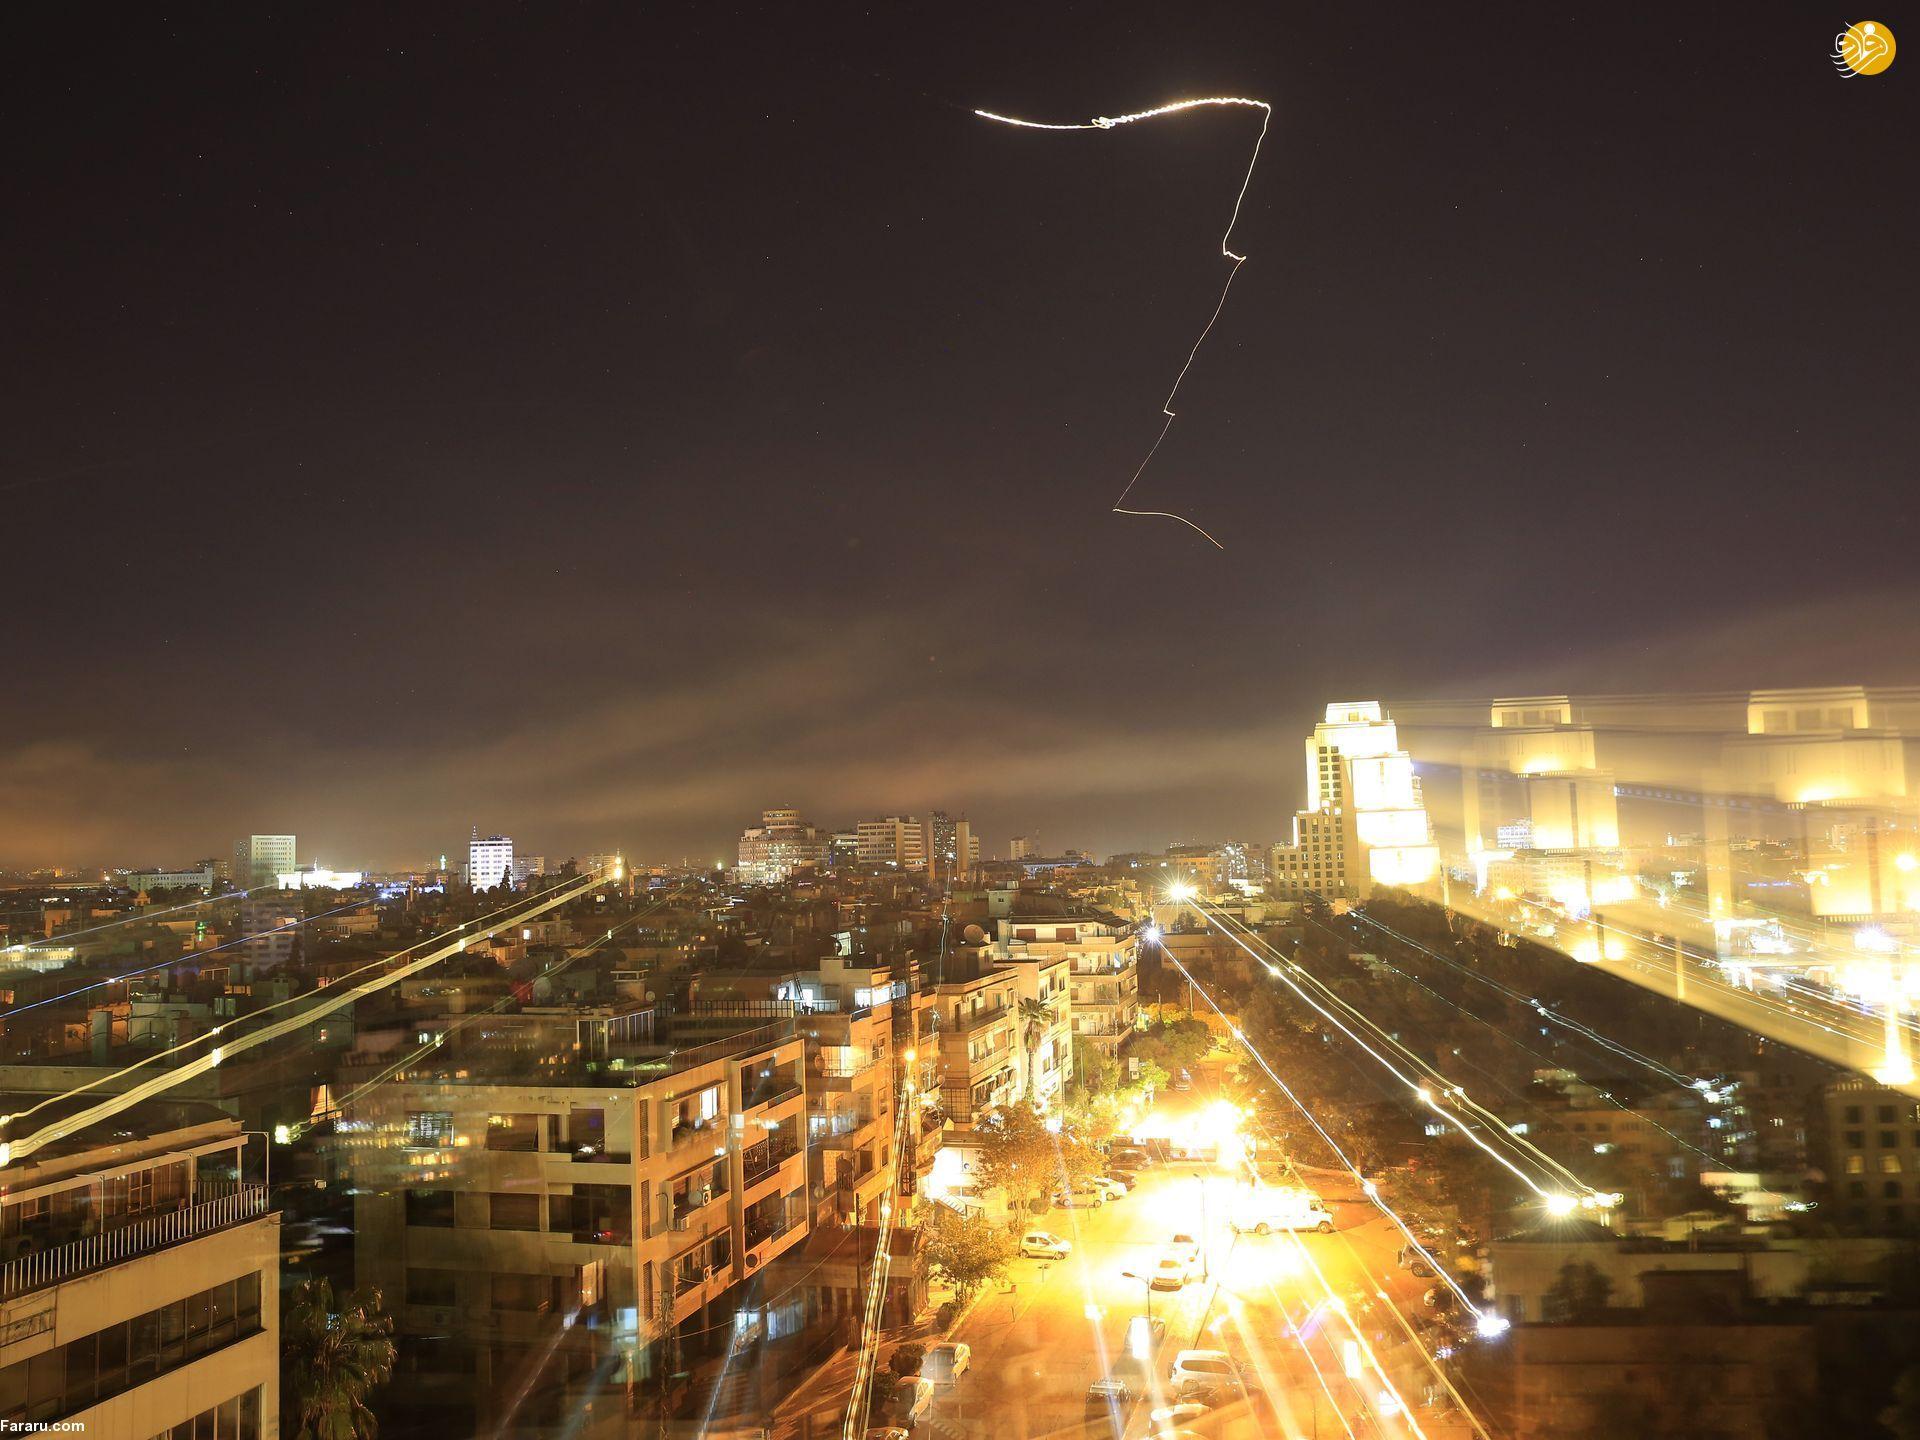 (تصاویر) مردم سوریه پس از حمله نظامی آمریکا